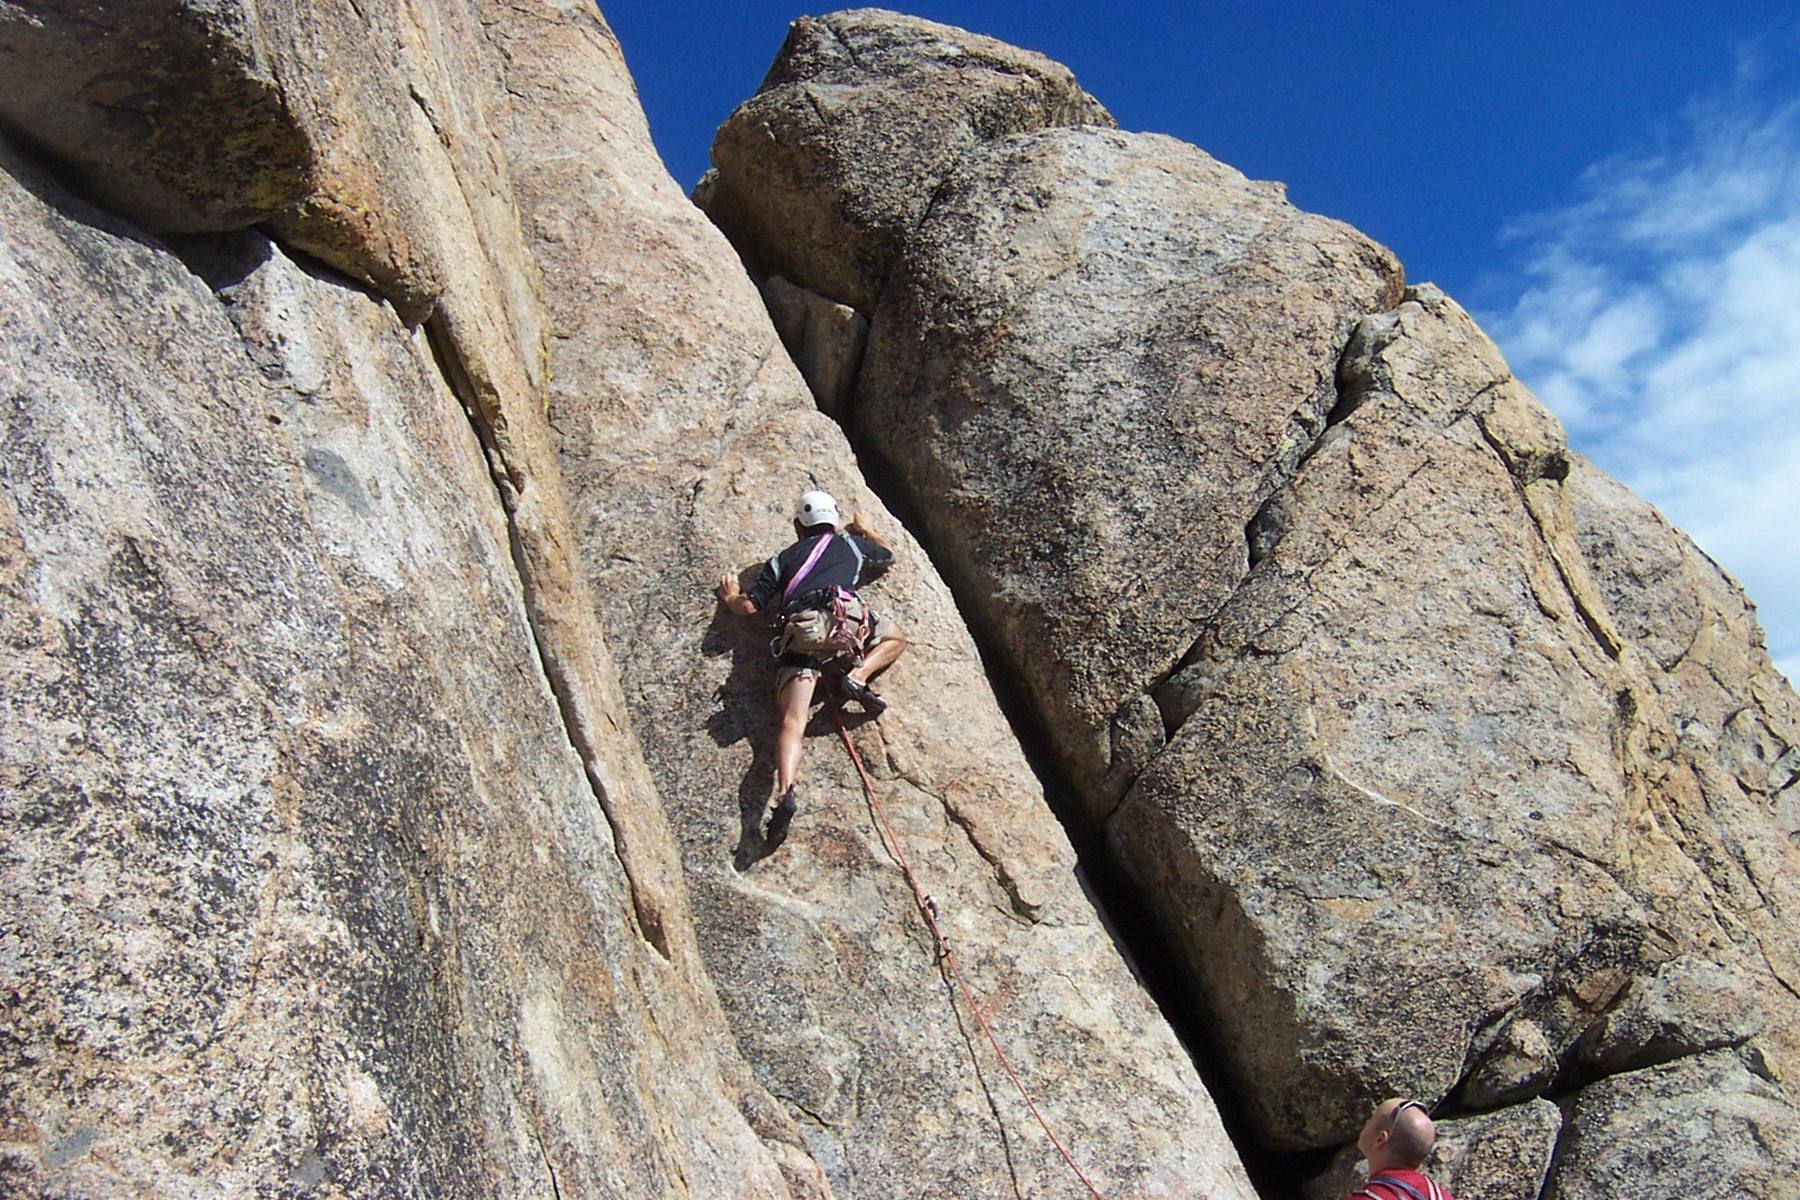 climbingdonnerpass